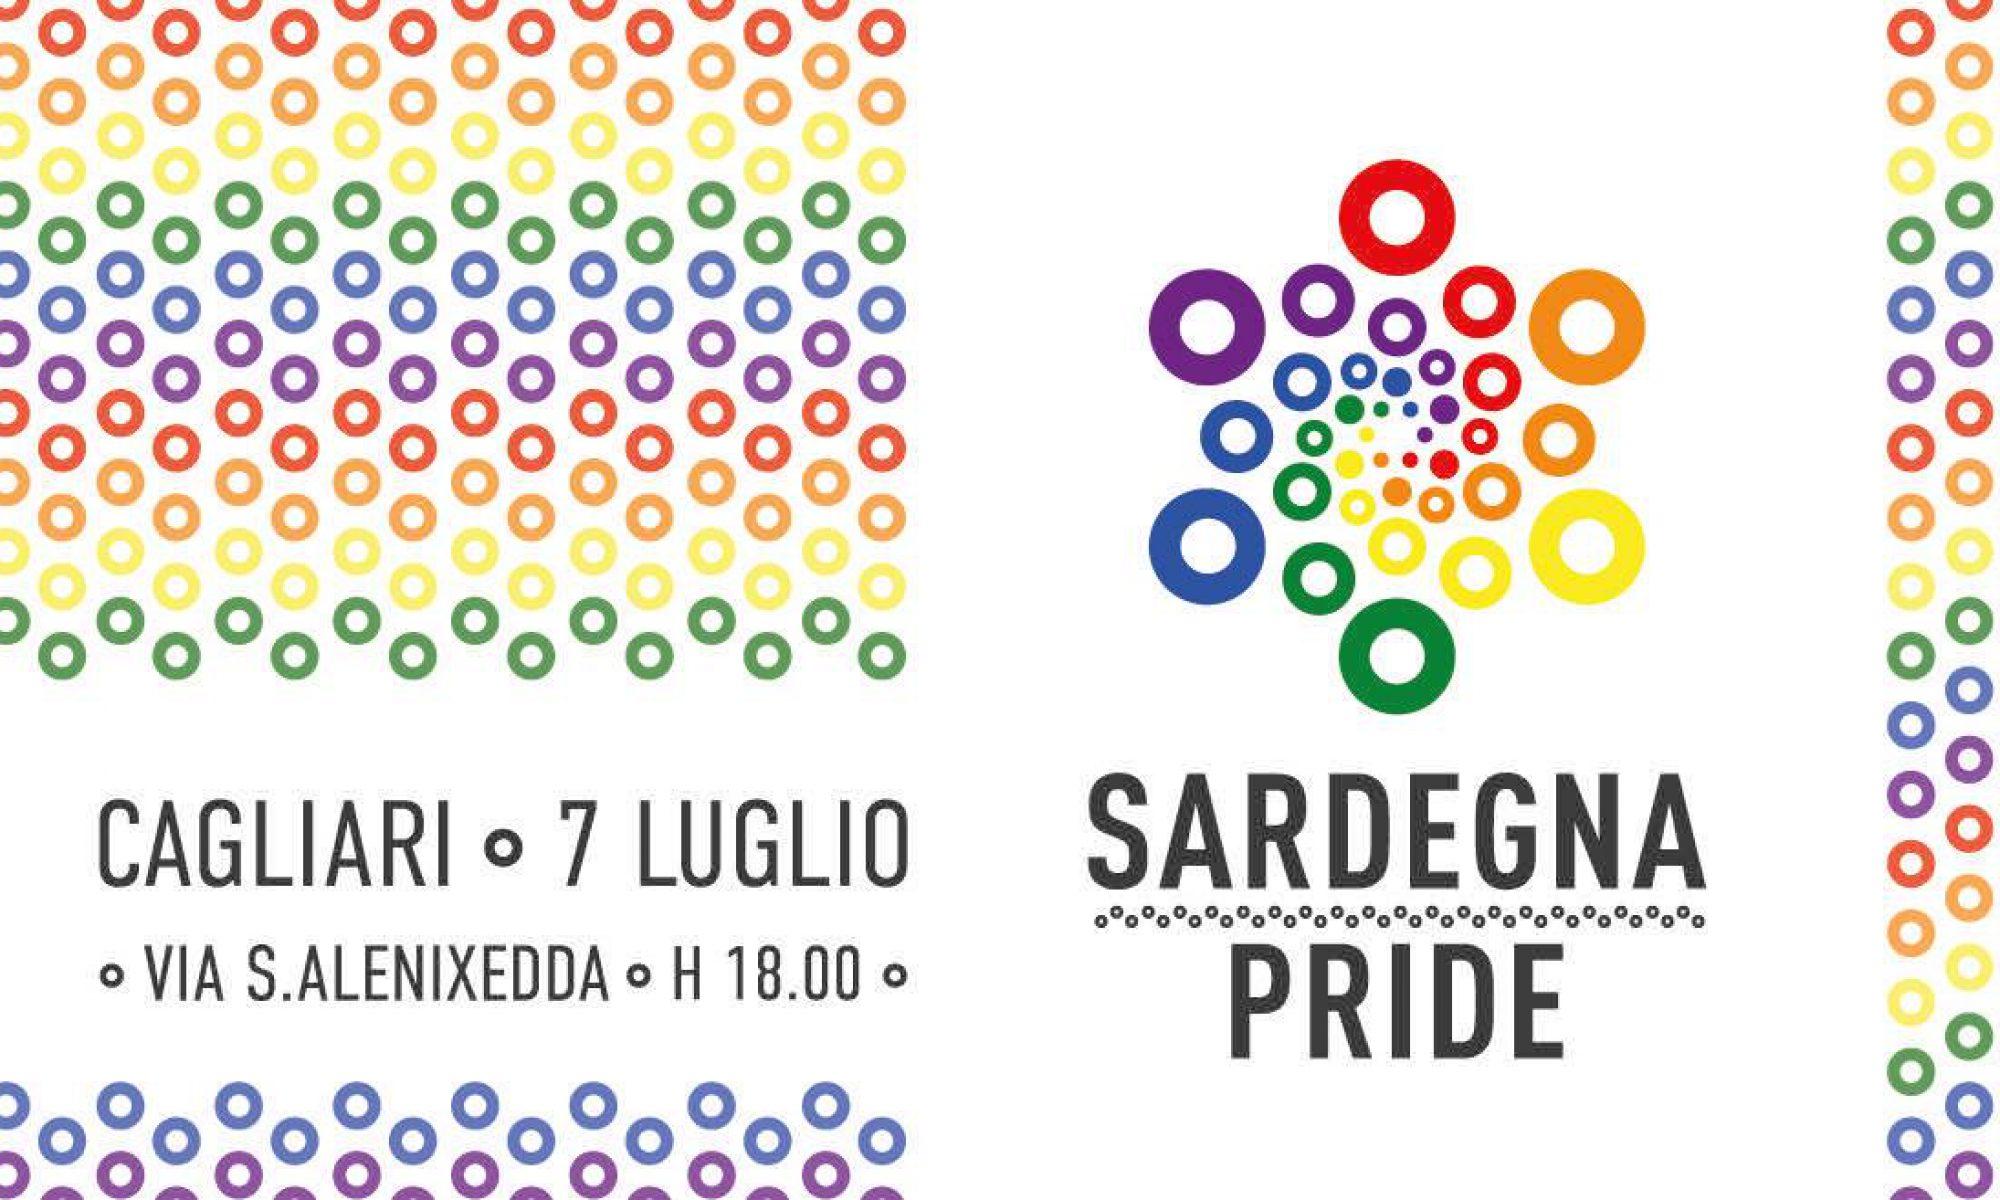 Sardegna Pride 2018 | Cagliari